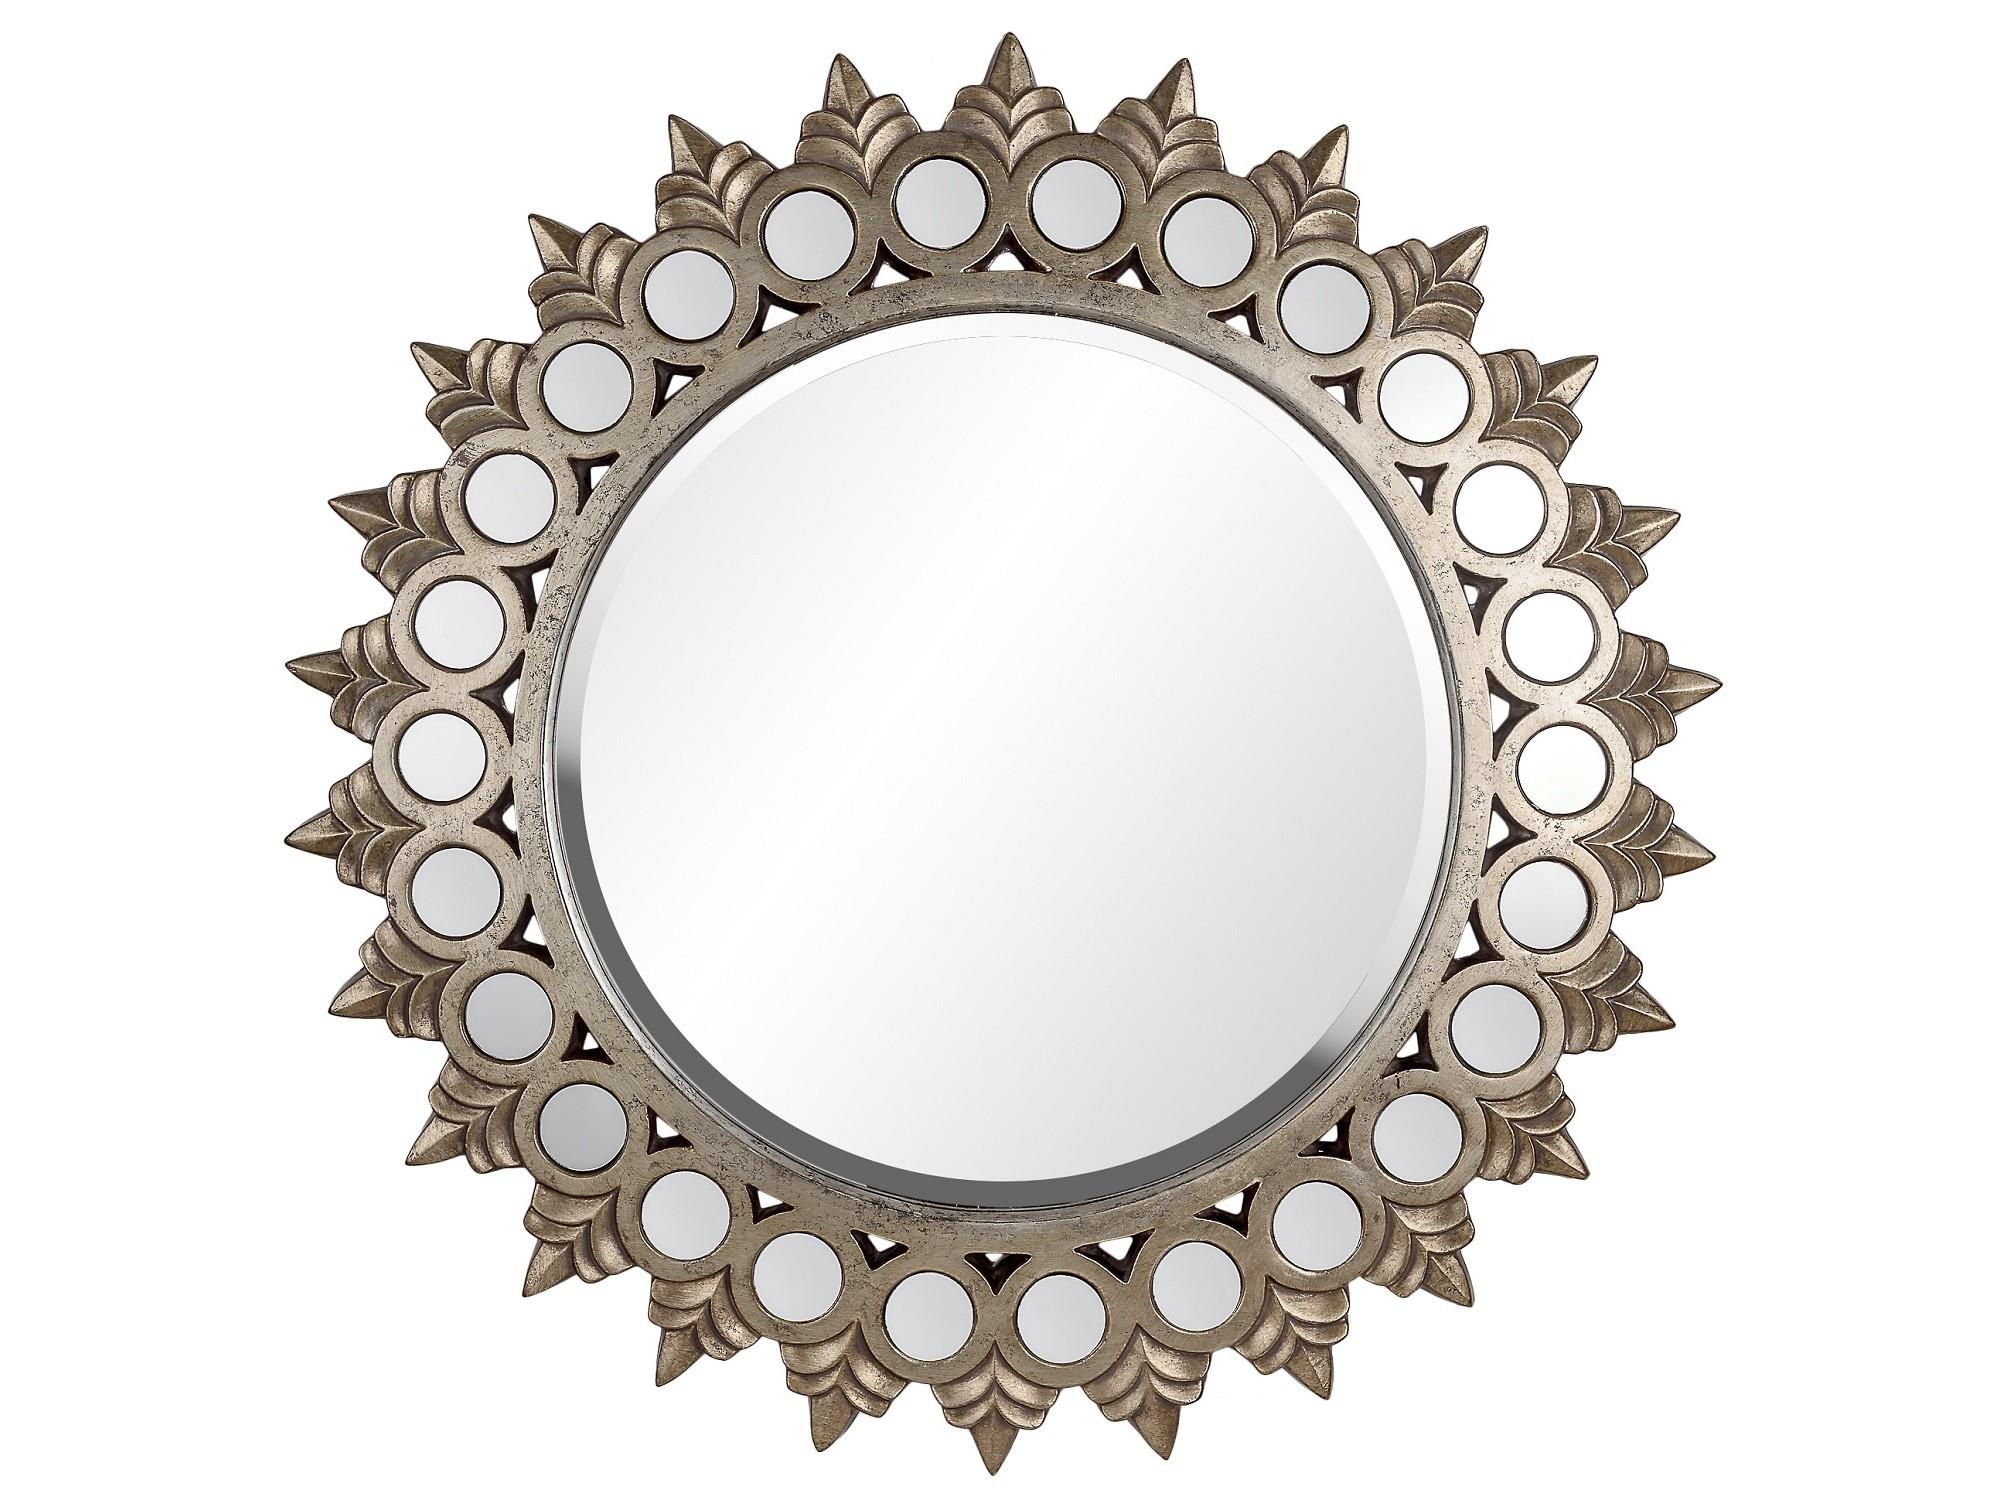 Зеркало Cedric SilverНастенные зеркала<br>Манящий предмет интерьера в английском стиле. Круглое зеркало цвета античного золота со сложной резной рамой само по себе станет украшением пространства и акцентом дизайна.&amp;amp;nbsp;<br>&amp;lt;div&amp;gt;&amp;lt;br&amp;gt;&amp;lt;/div&amp;gt;&amp;lt;div&amp;gt;&amp;lt;span style=&amp;quot;font-size: 14px;&amp;quot;&amp;gt;Материал: полиуретан, стекло.&amp;lt;/span&amp;gt;&amp;lt;br&amp;gt;&amp;lt;/div&amp;gt;&amp;lt;div&amp;gt;Цвет: серебро&amp;amp;nbsp;&amp;lt;/div&amp;gt;<br><br>Material: Пластик<br>Length см: None<br>Width см: None<br>Depth см: 3<br>Height см: None<br>Diameter см: 111